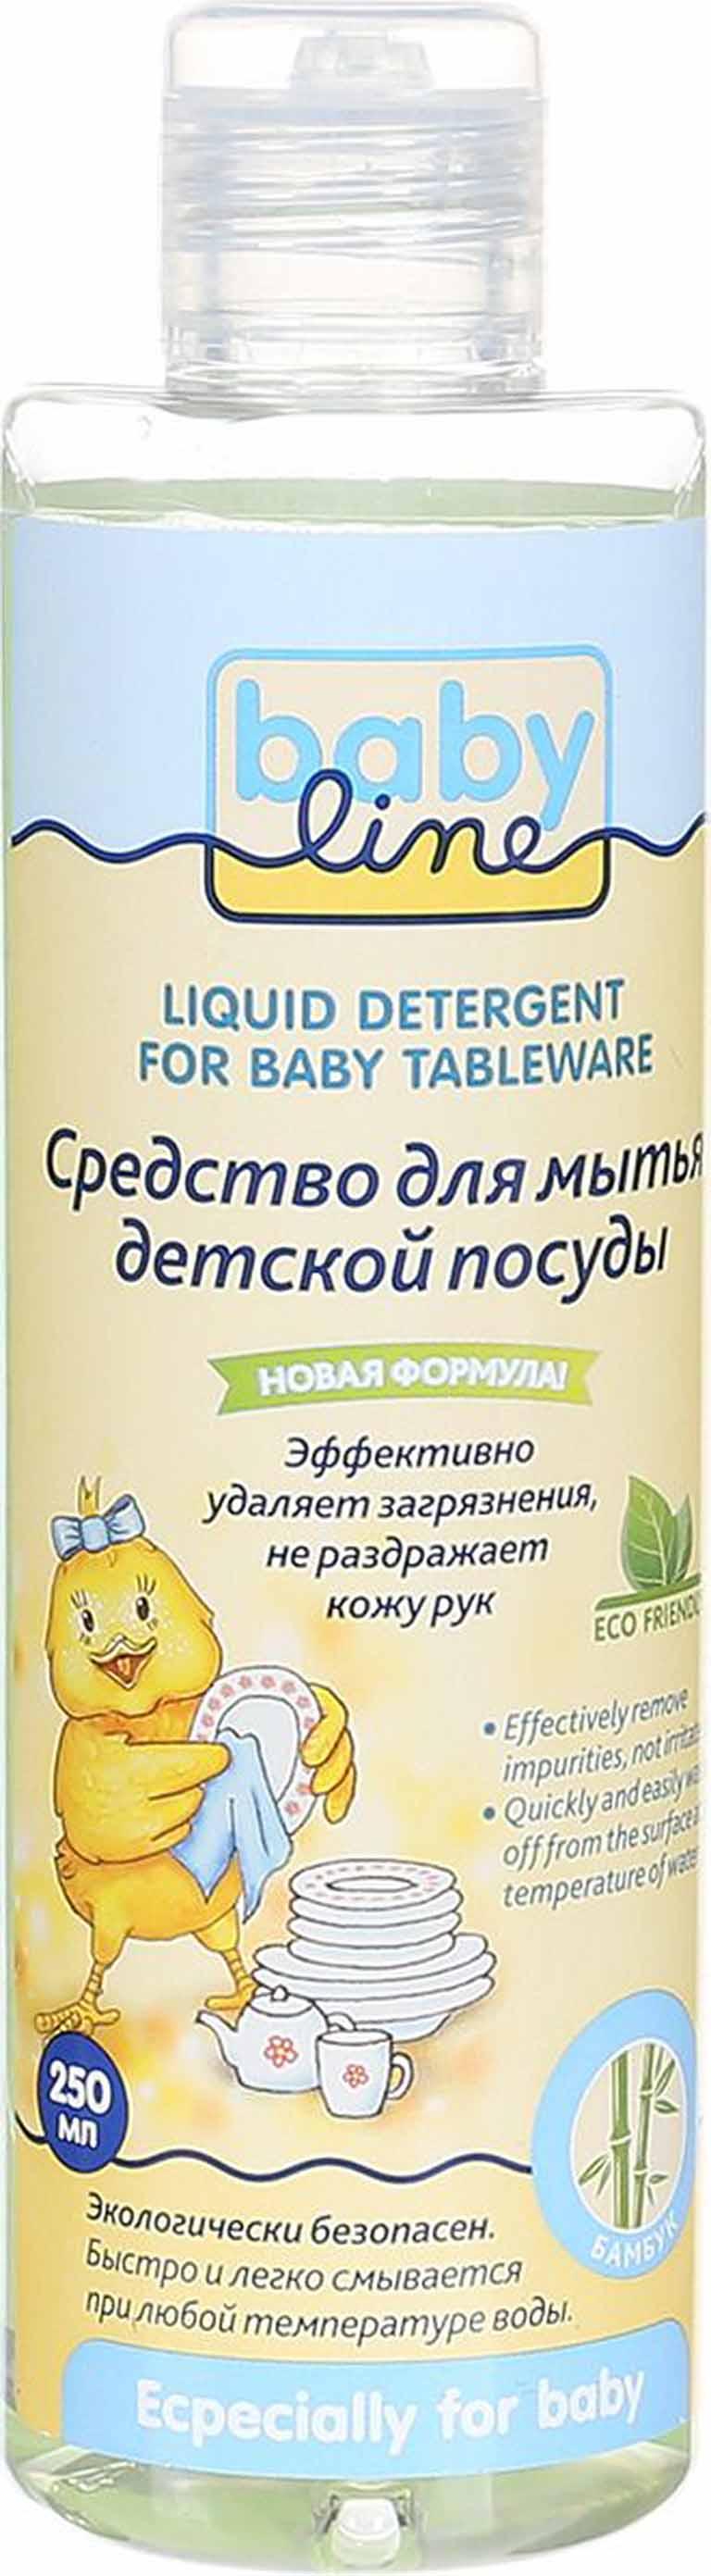 BABYLINE Моющее средство для мытья детской посуды, 250 мл